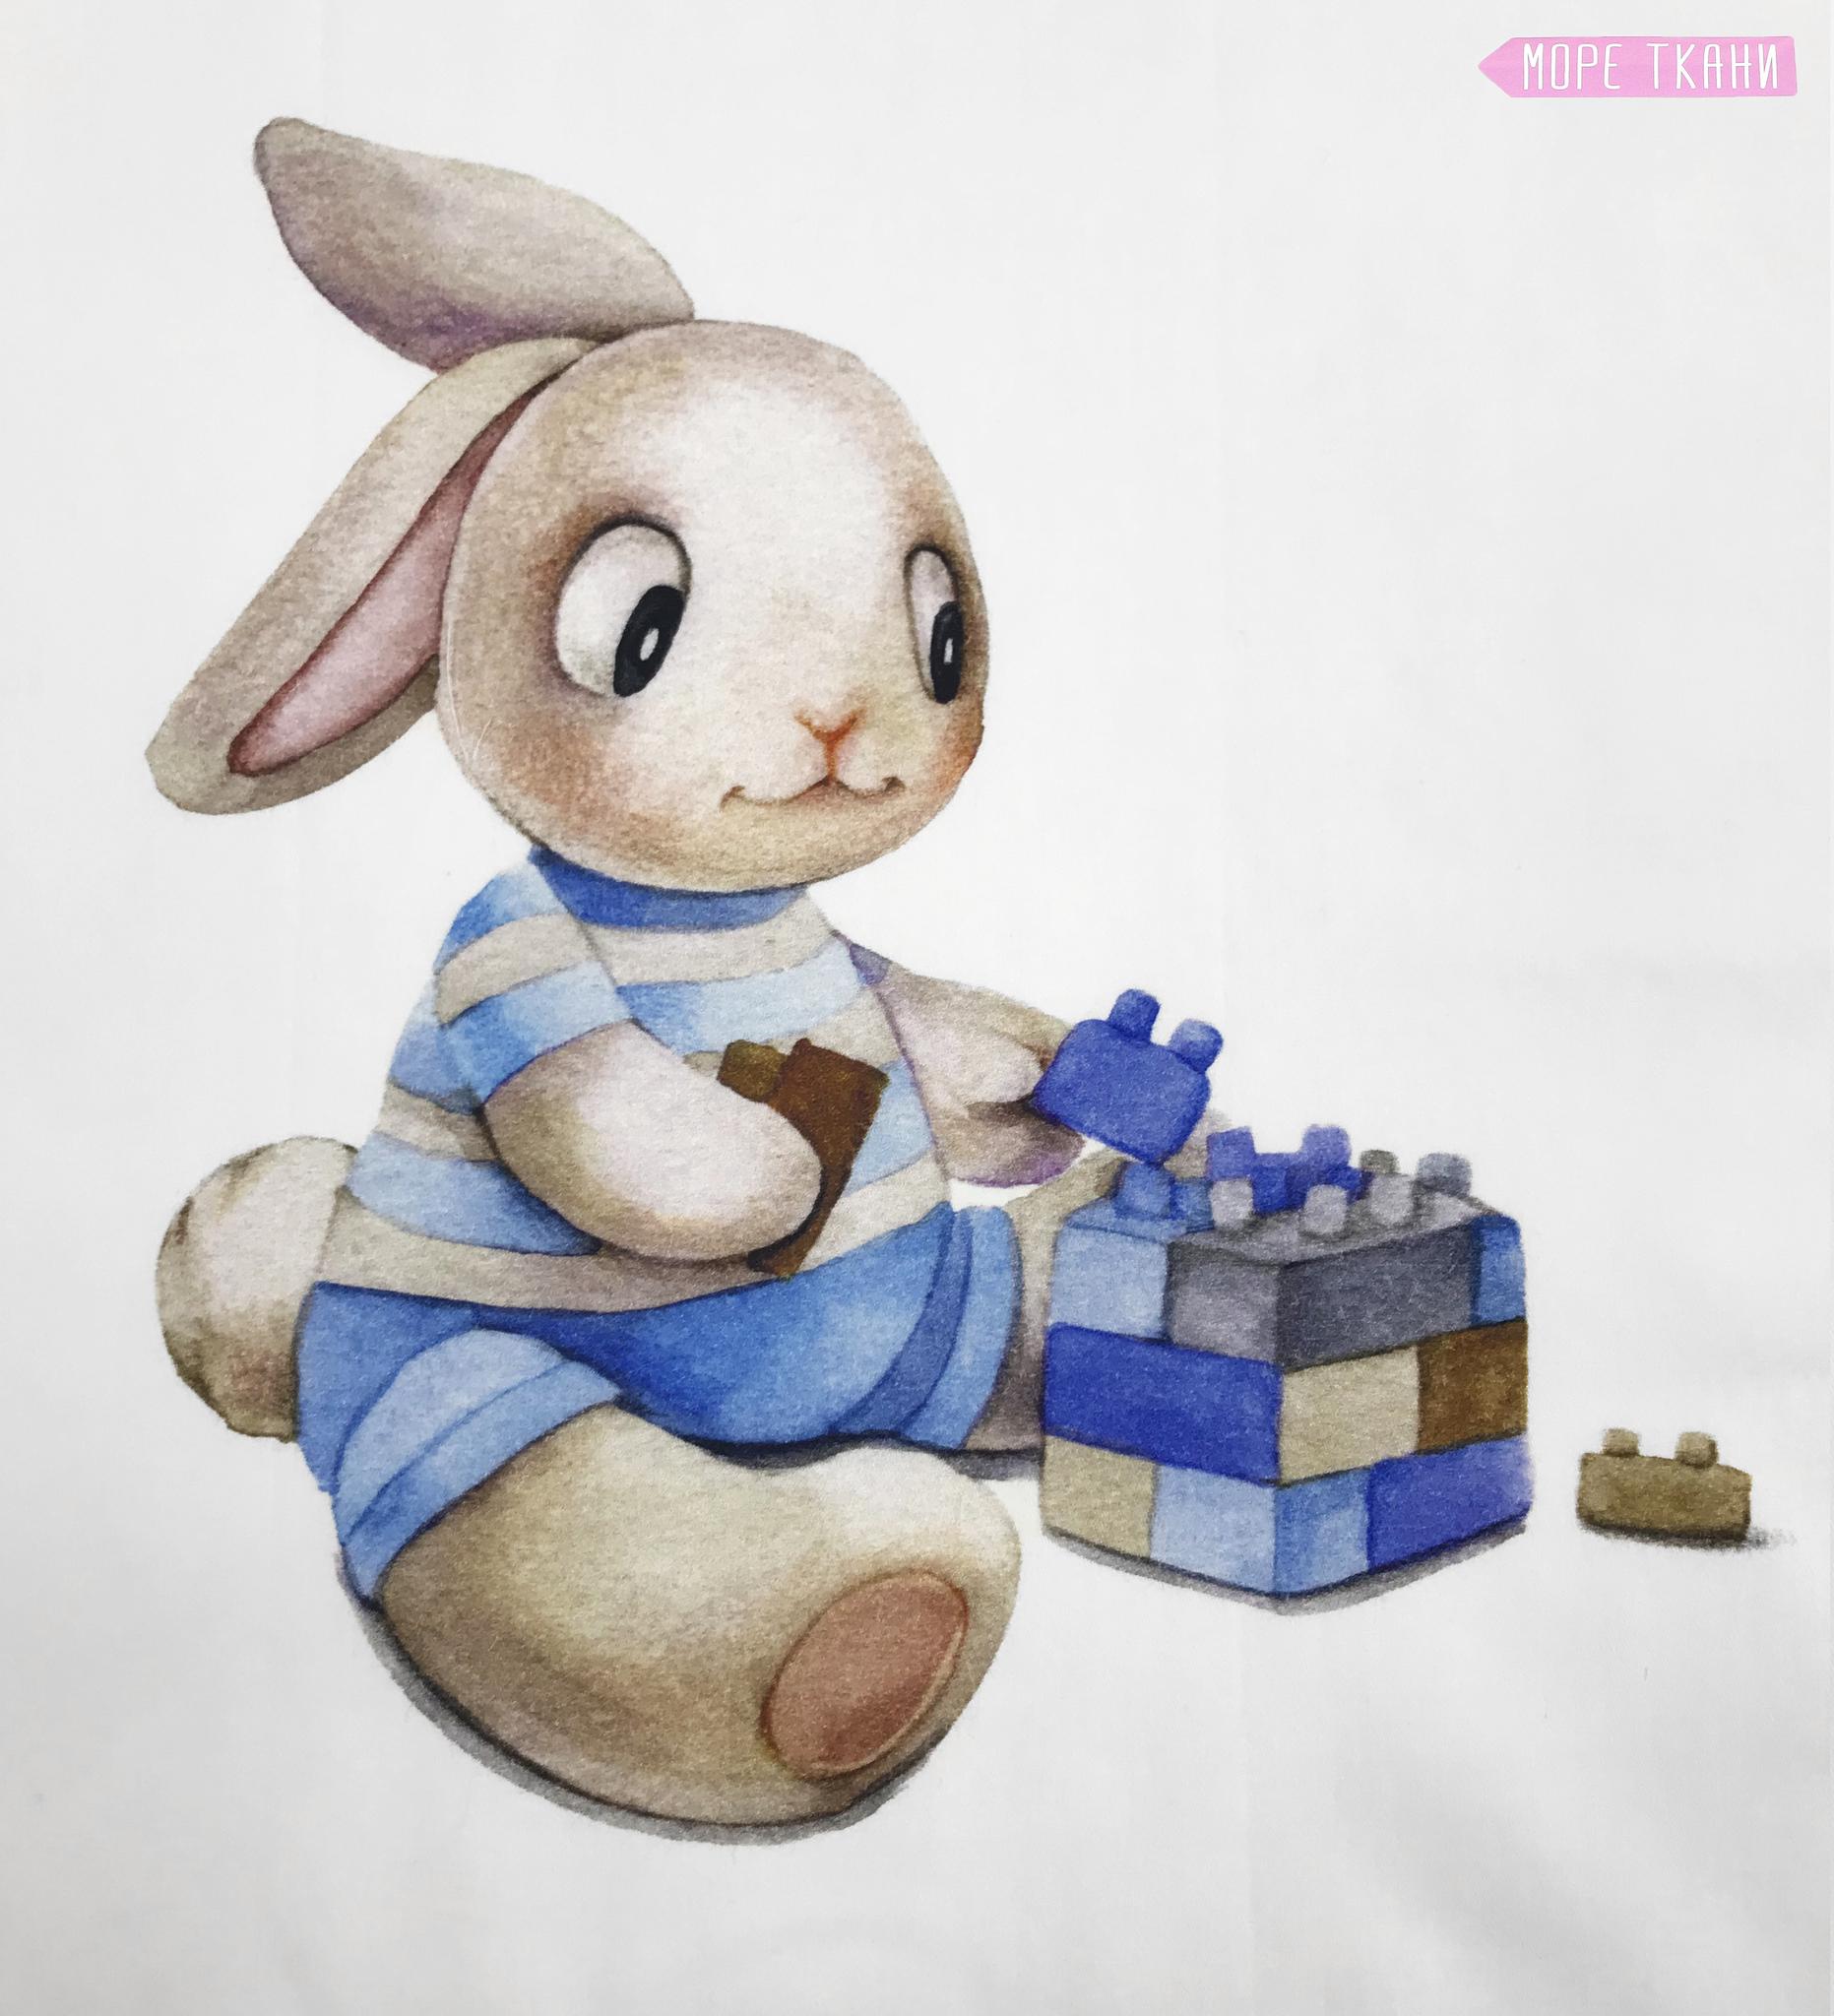 Панель(купон) зайчик с игрушками-35*35 см, 4 шт.